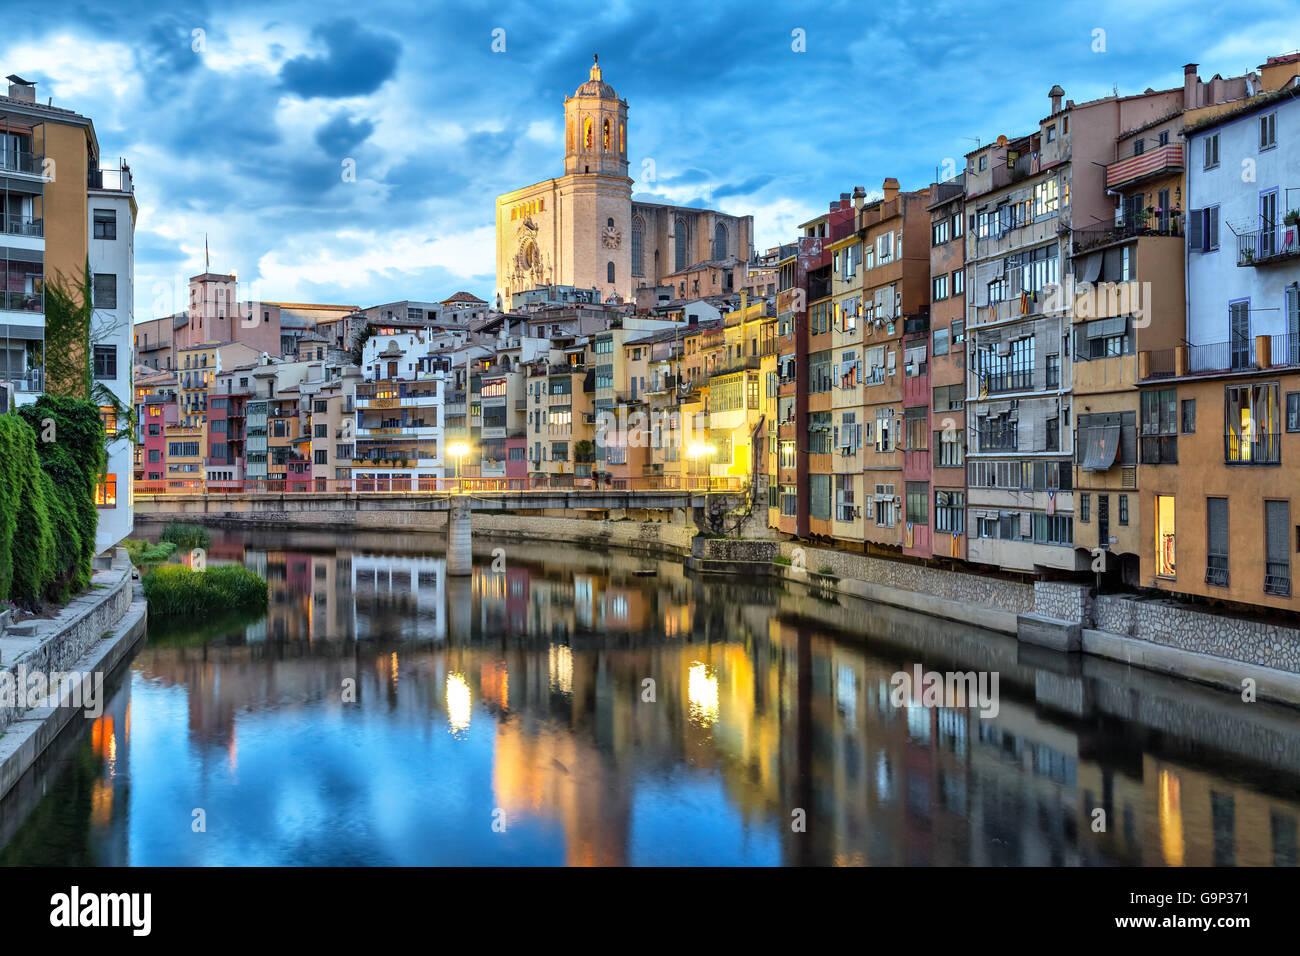 Catedral y coloridas casas en el lado del río Onyar, en la noche, Girona, Cataluña, España Imagen De Stock